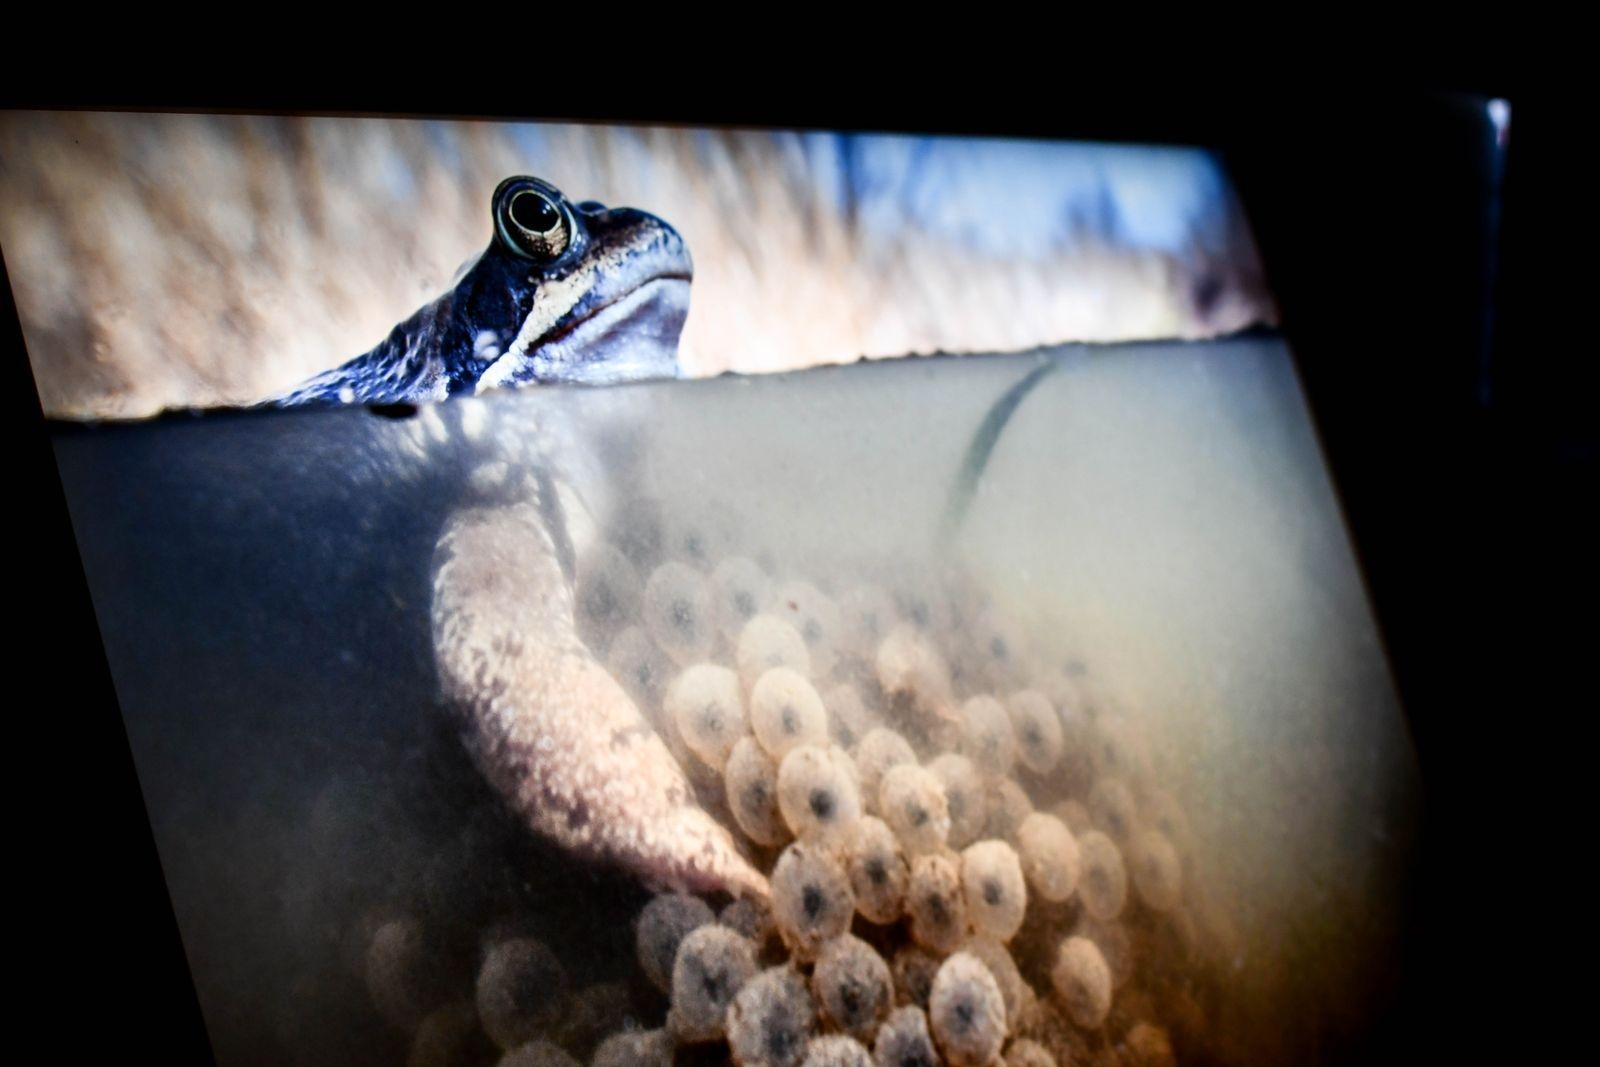 Rummet ger känslan av att befinna sig nere i vattnet, under de stora näckrosorna som svävar uppe i taket. Johan Hammars fängslande fotografier visas på upplysta skärmar.